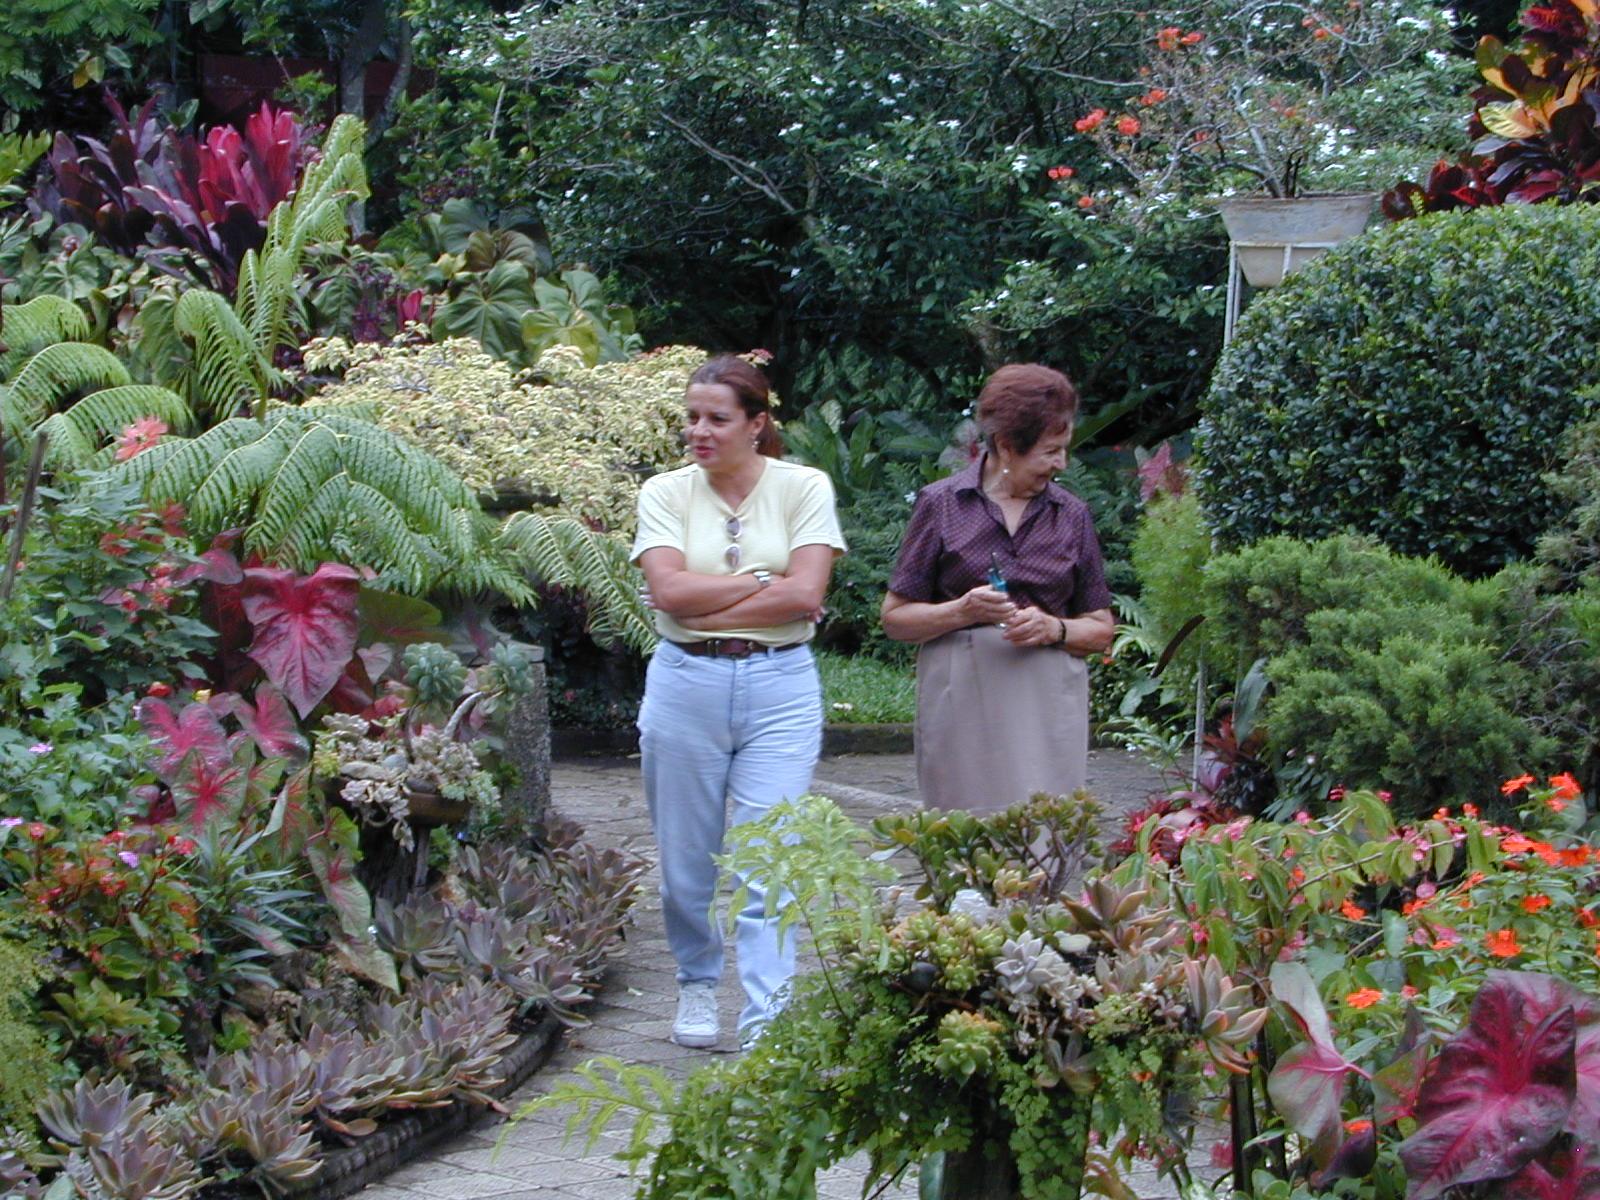 Paisajismo pueblos y jardines febrero 2011 for Paisajismo jardines fotos